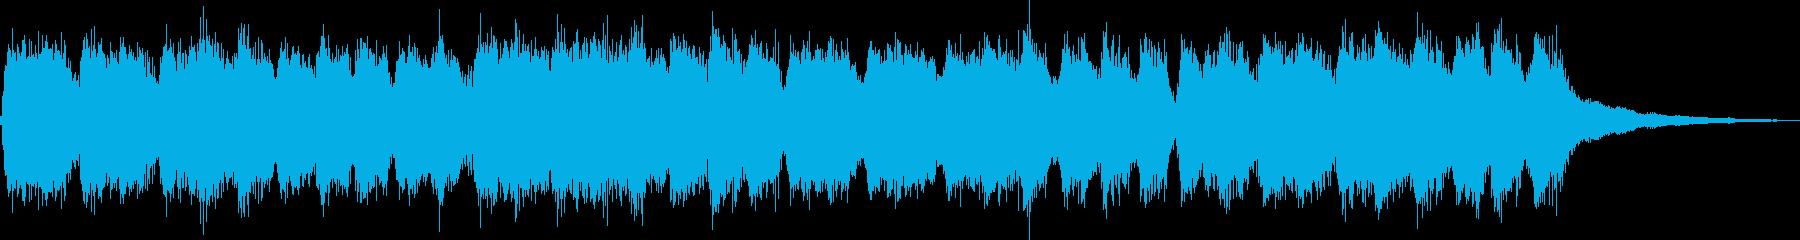 パイプオルガンを用いた華やかなジングルの再生済みの波形